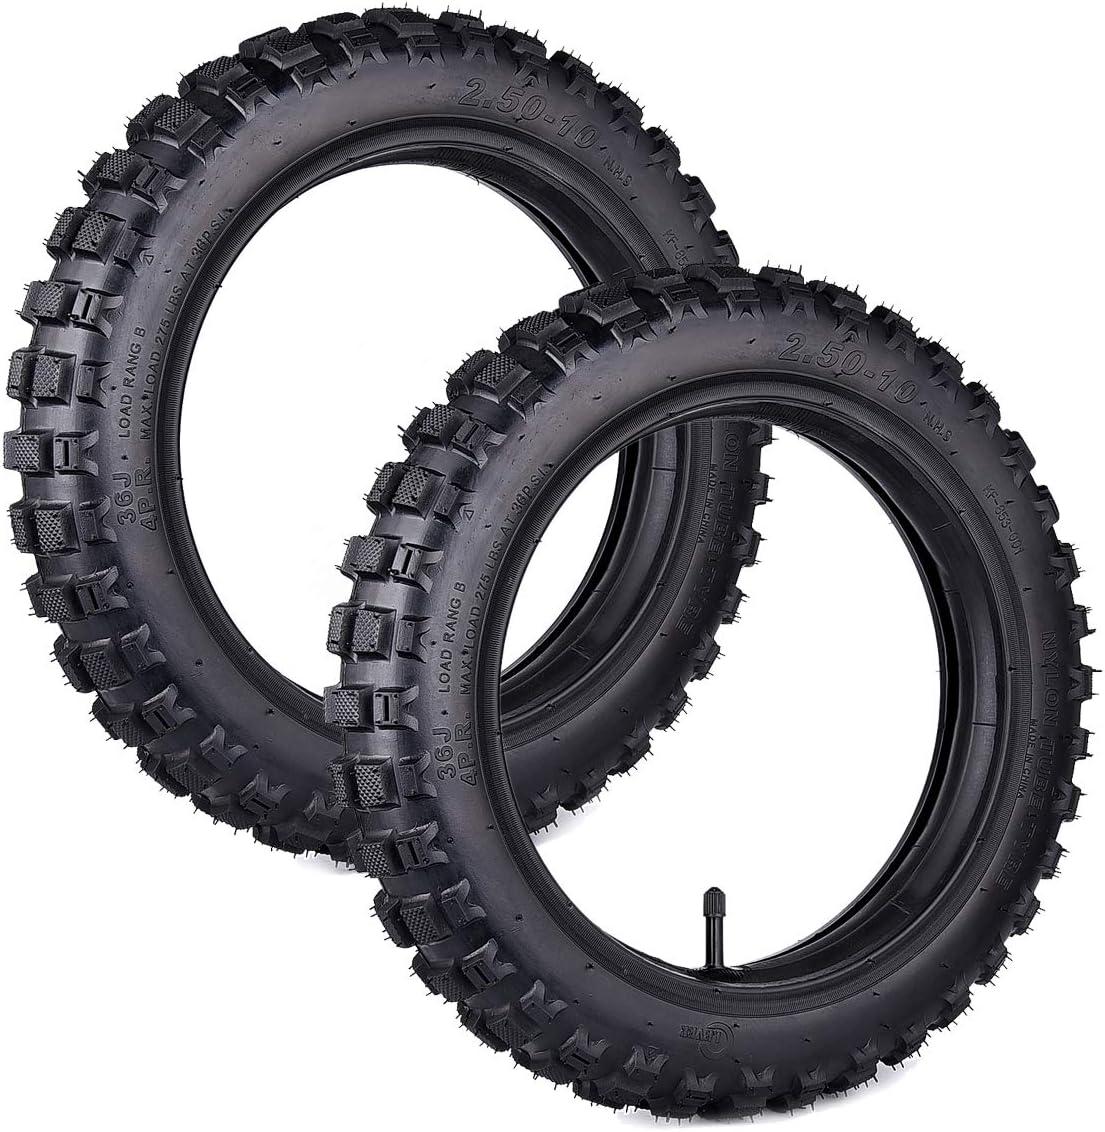 Juego de 2 neumáticos para bicicleta CRF50 con tubos de 2,50-10 ...